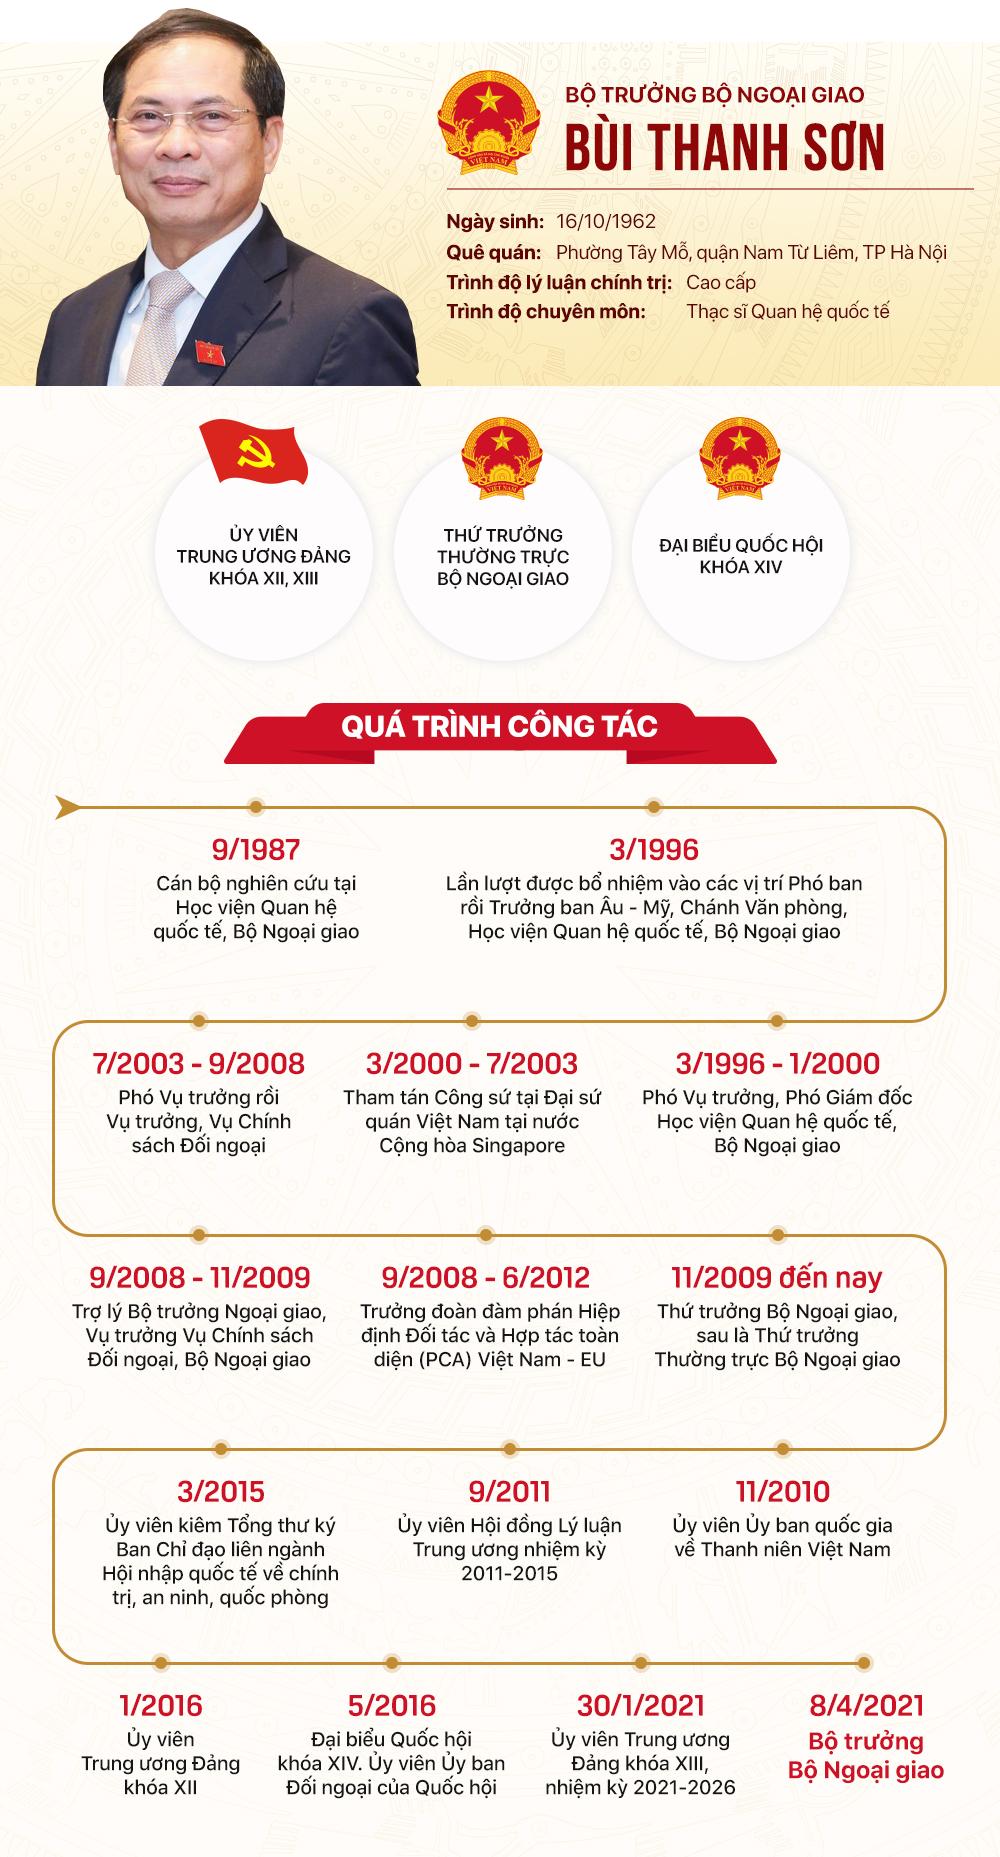 Tiểu sử tân Bộ trưởng Ngoại giao Bùi Thanh Sơn - Ảnh 1.